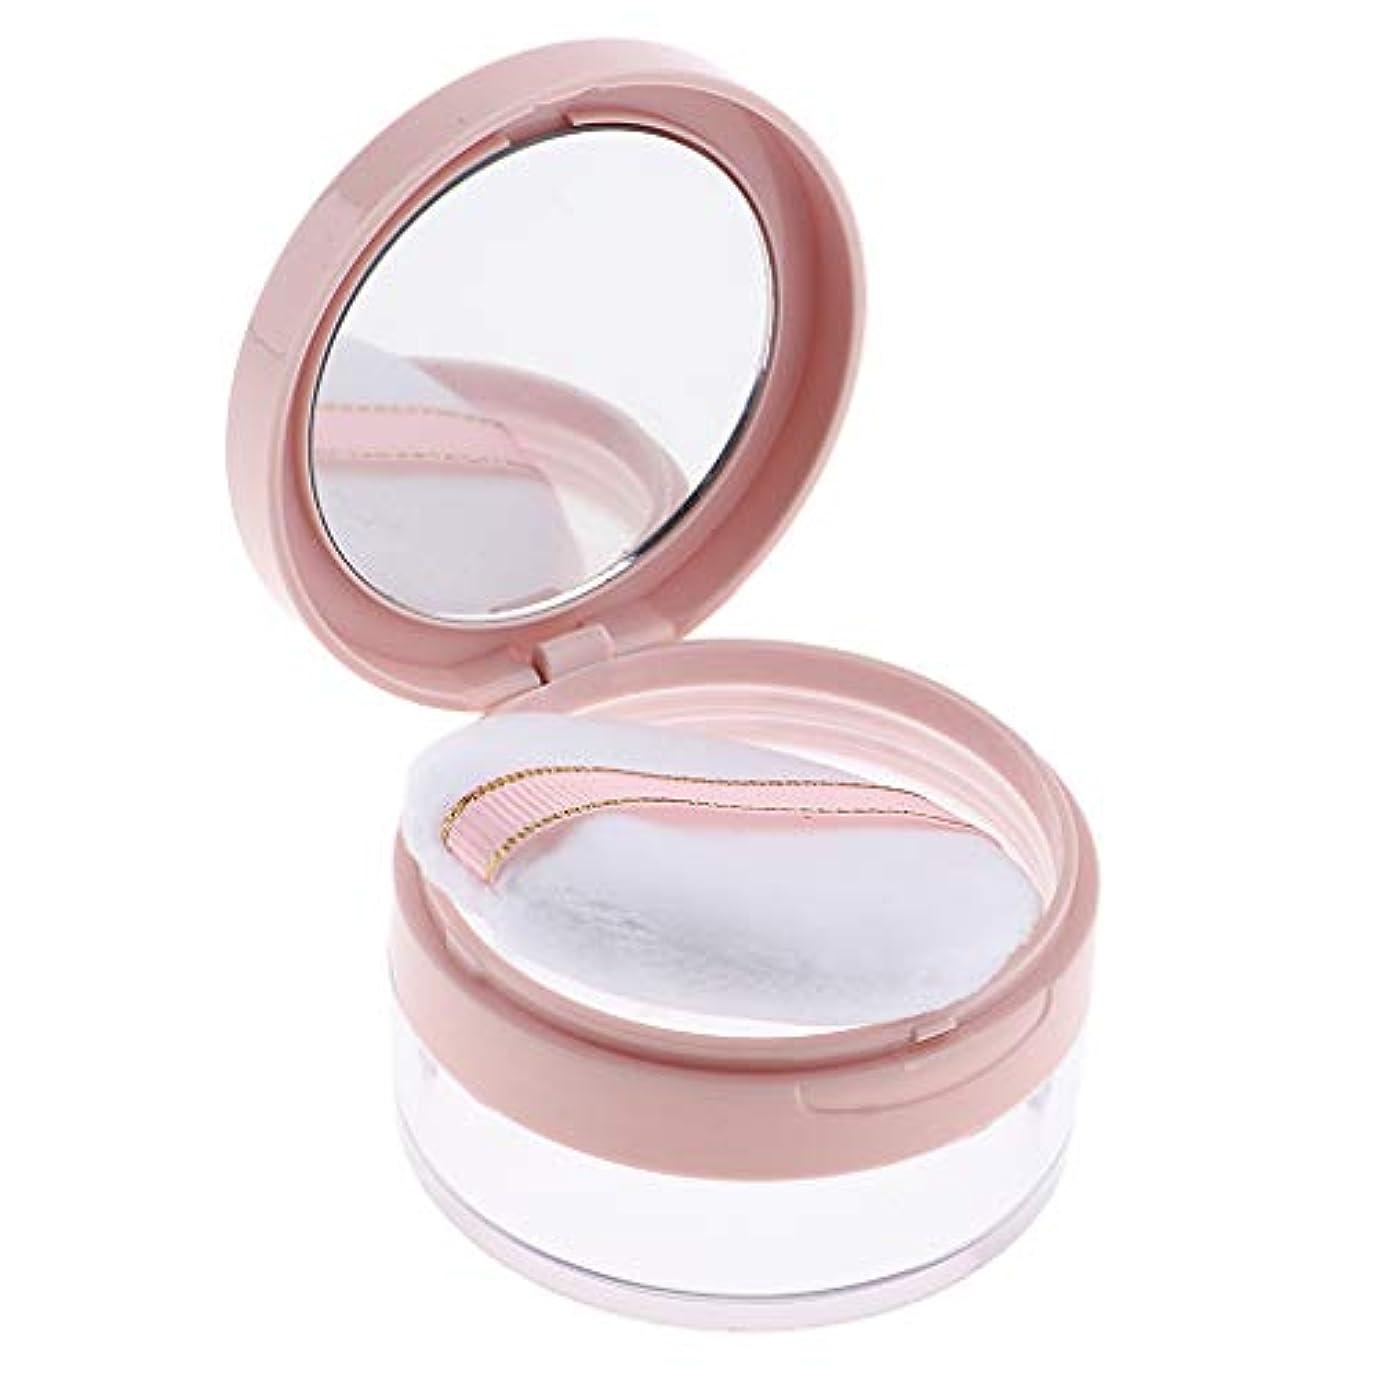 最小化するフリル想像力F Fityle パウダーケース 化粧品 ジャー 鏡 パフ 2色選べ - ピンク